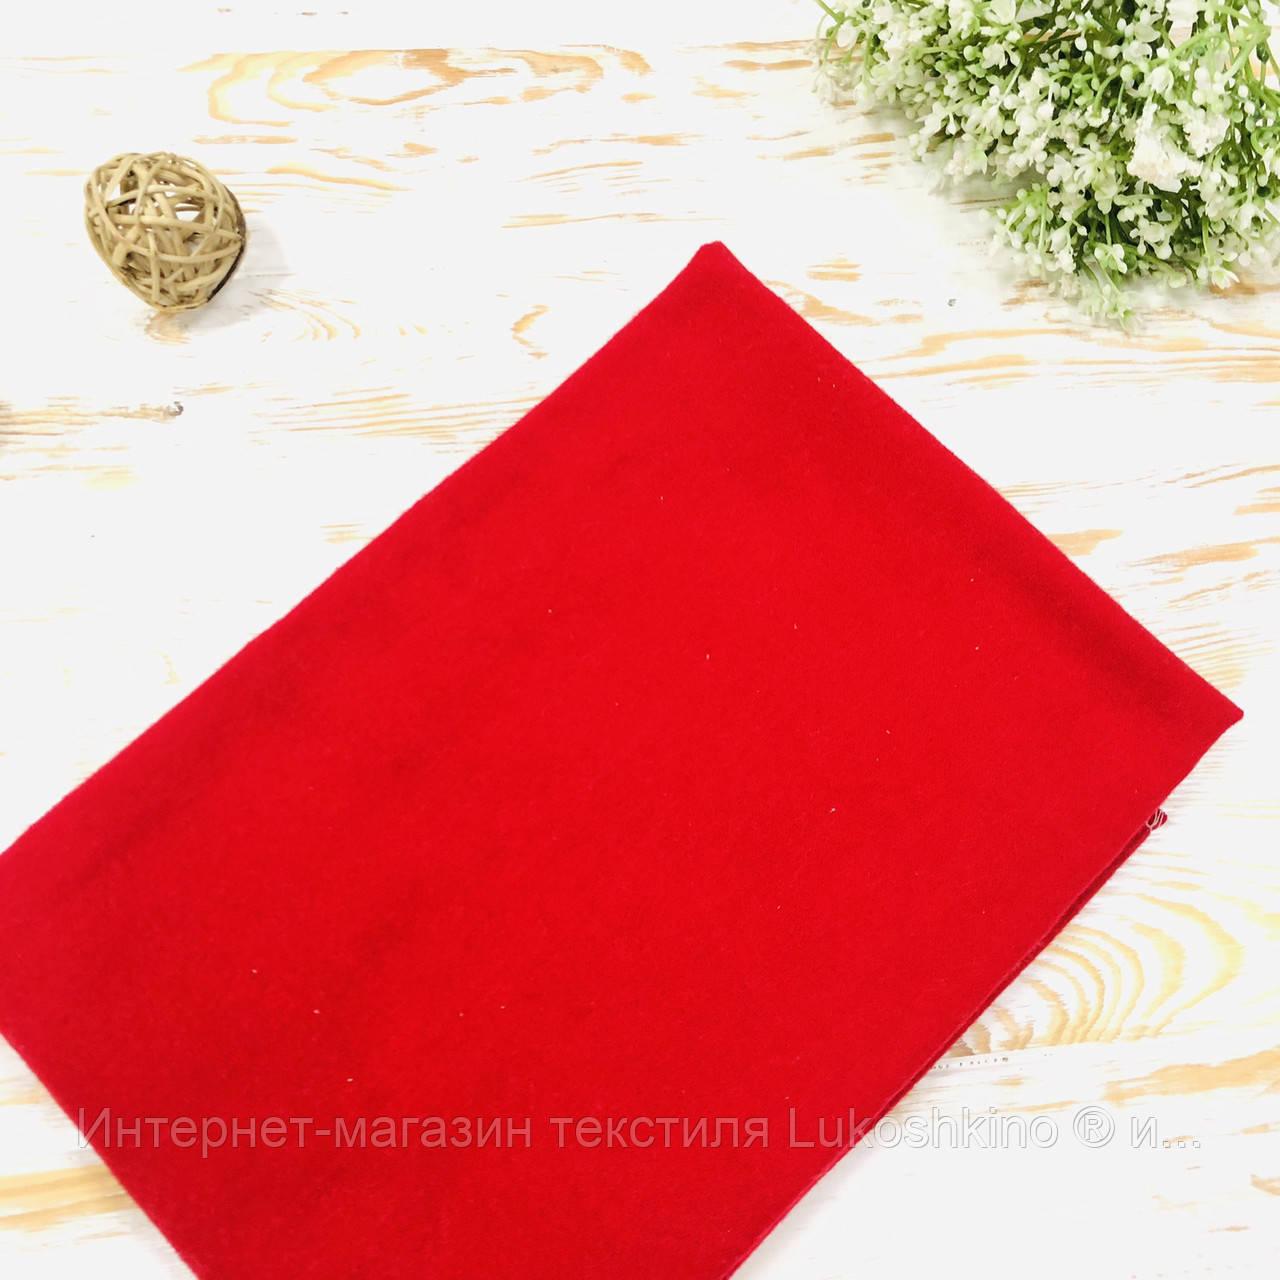 Пеленка детская фланелевая однотонная красная Lukoshkino ® Размер 80х100 см ФП-60